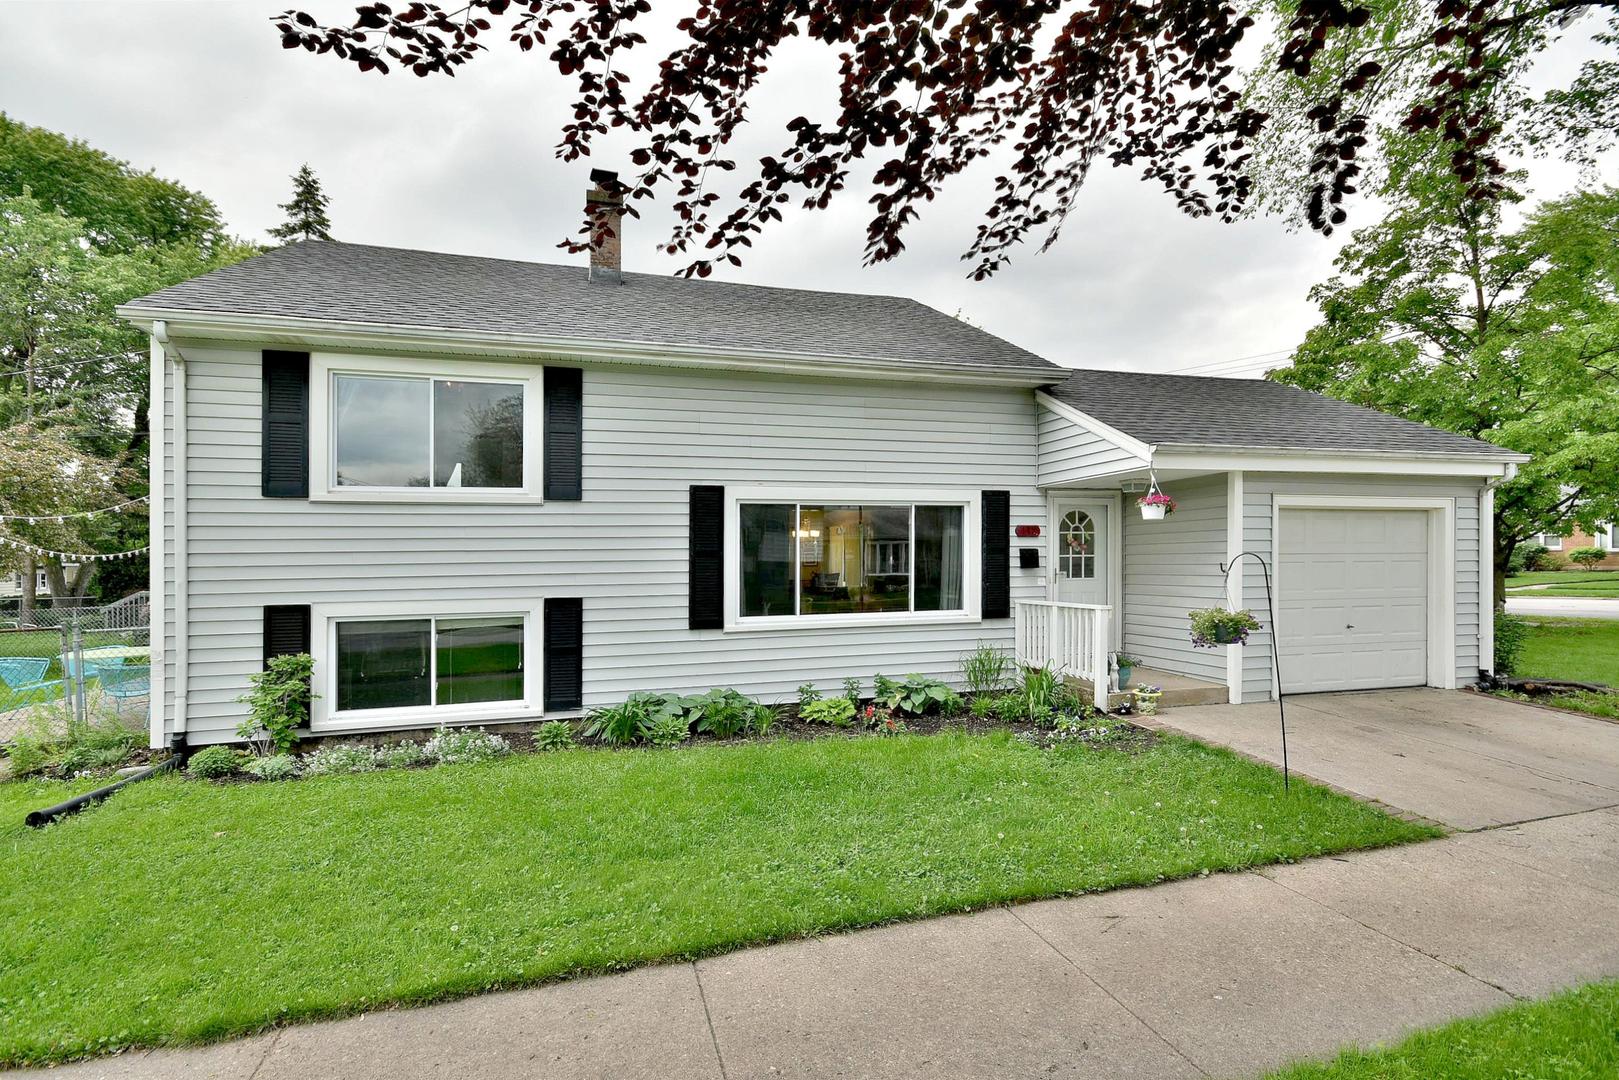 137 East Wilson Street 60126 - One of Elmhurst Homes for Sale